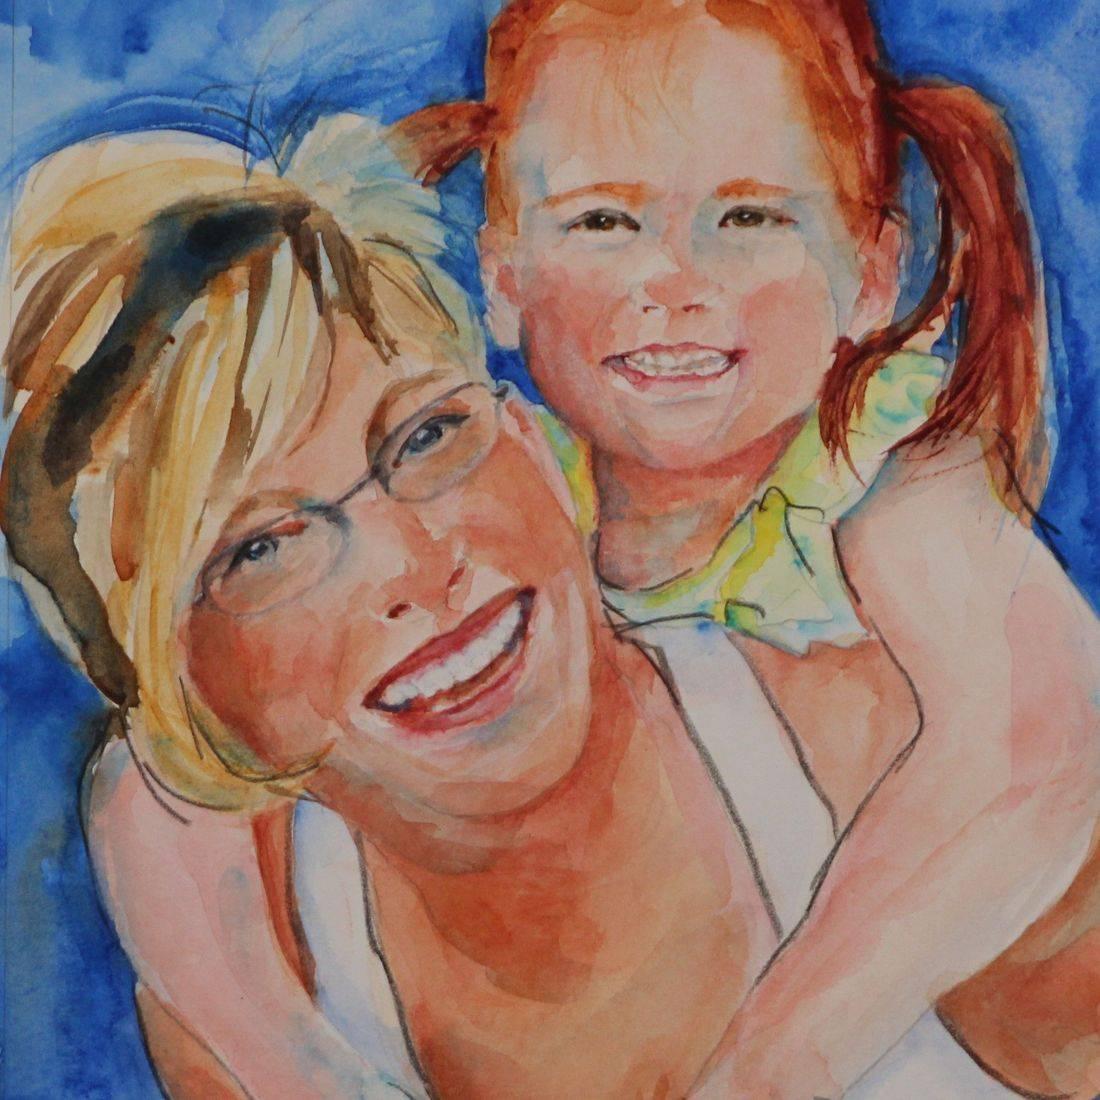 R Putbrese watercolor portrait of baby by Rebecca Krutsinger